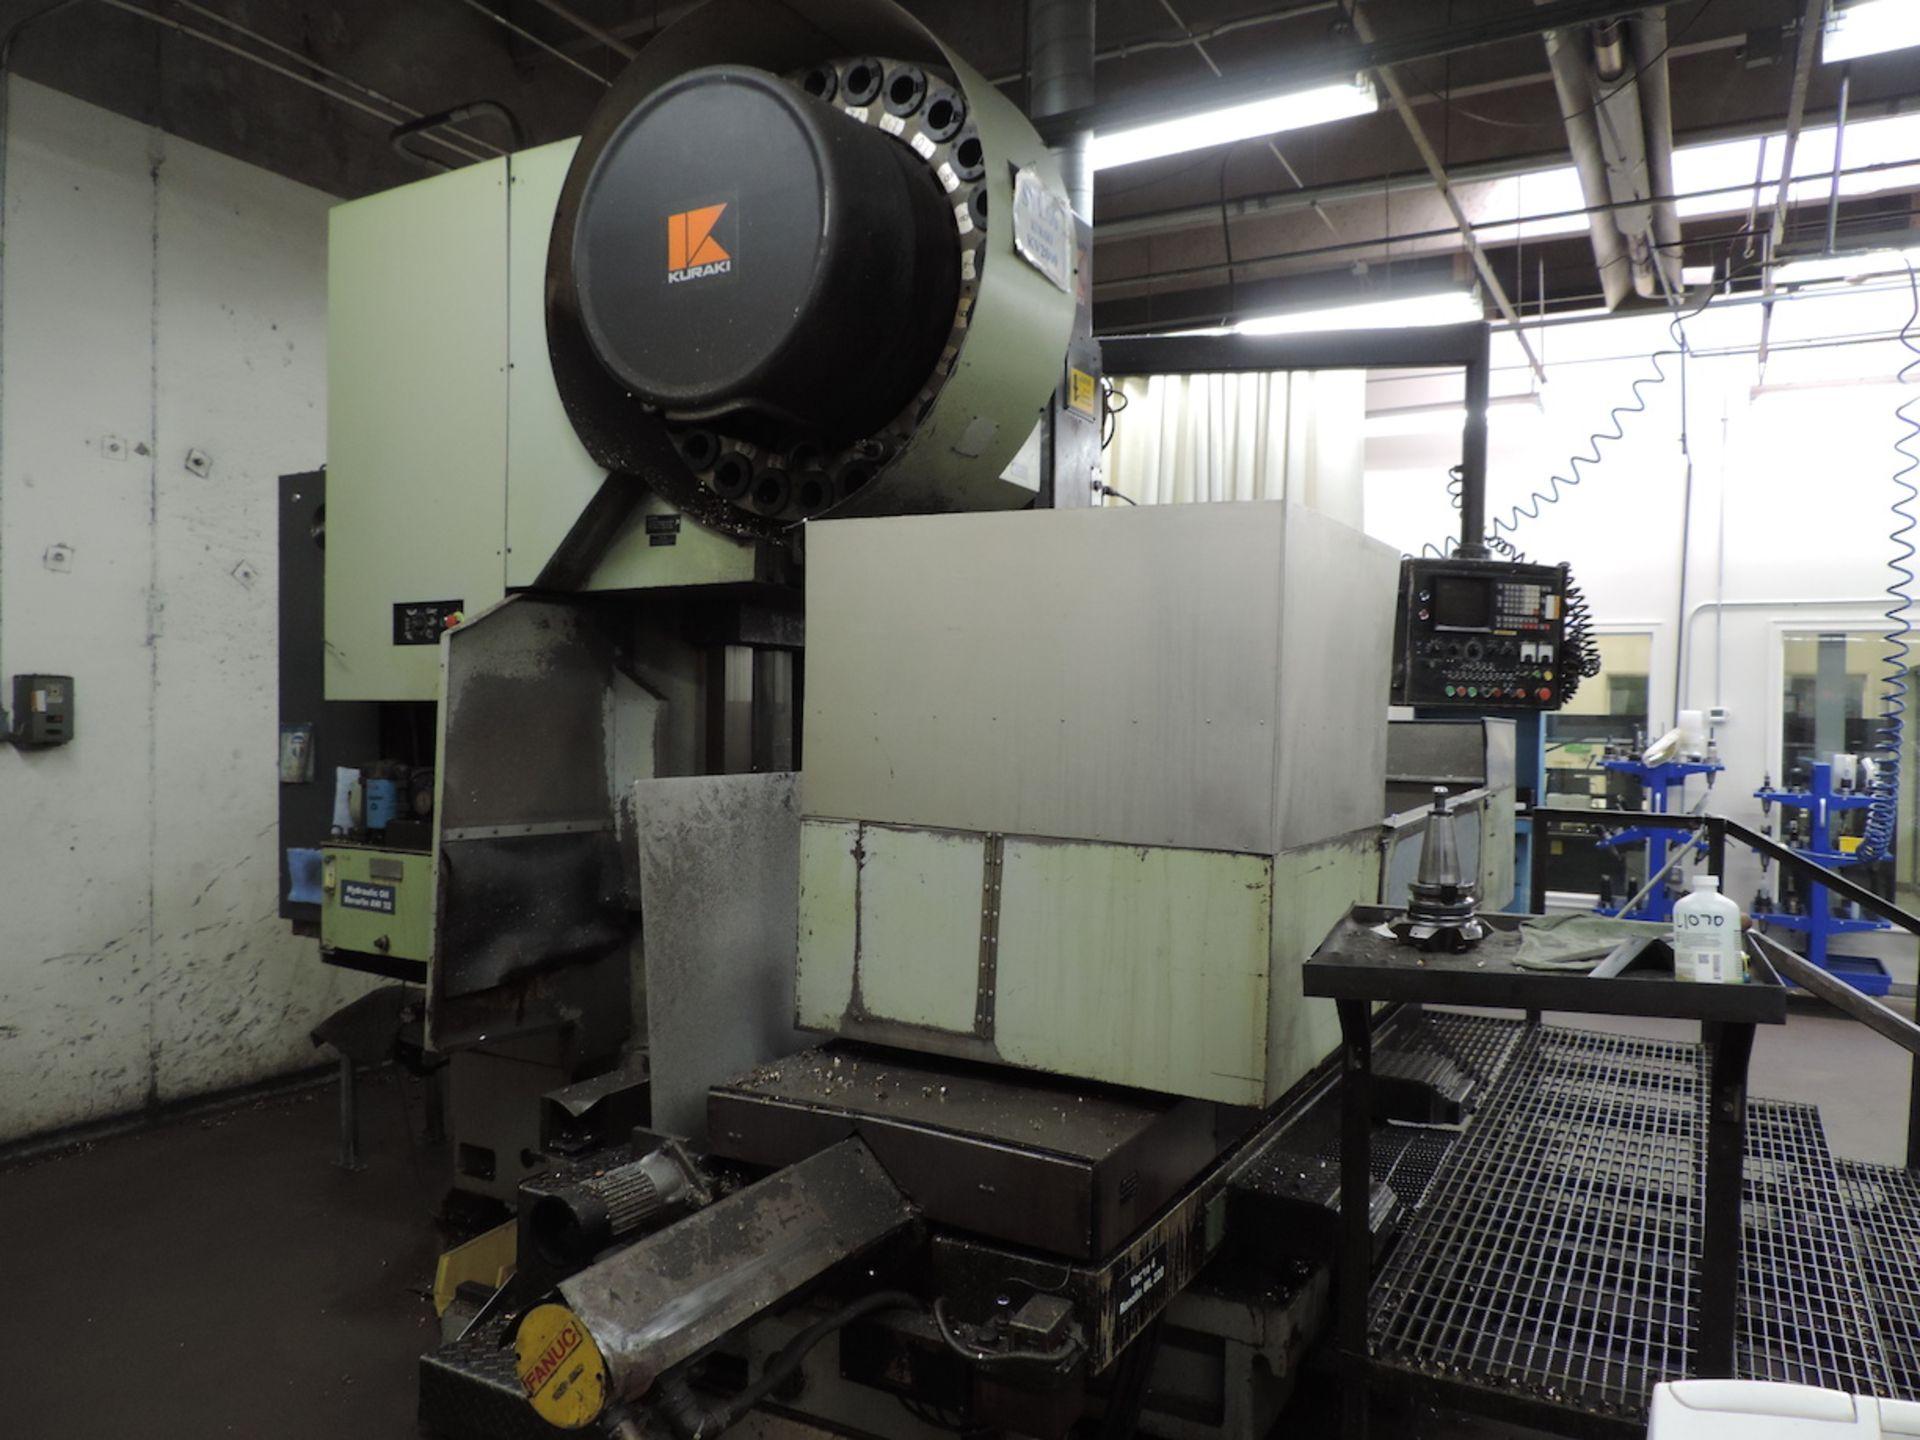 KURAKI KV-2000 KV-1600W VMC, FANUC 6M CONTROL, 3000 RPM, 50 TAPER SPINDLE, 24 ATC, XYZ TRAVELS: - Image 9 of 13